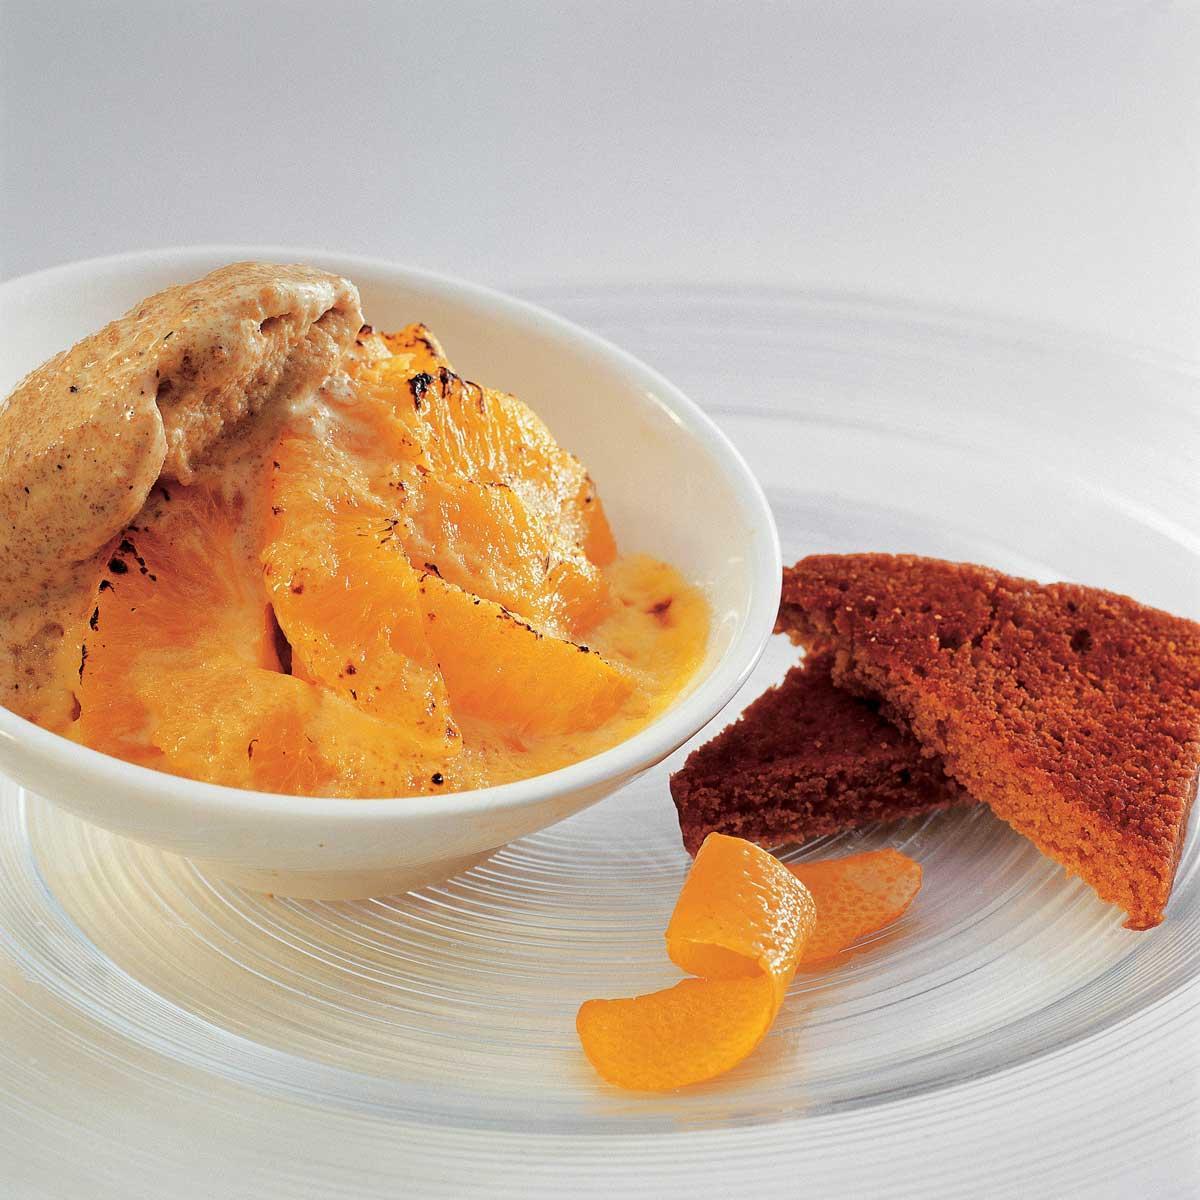 gratin d 39 oranges boule de glace au pain d 39 pices une recette d couverte cuisine le figaro. Black Bedroom Furniture Sets. Home Design Ideas